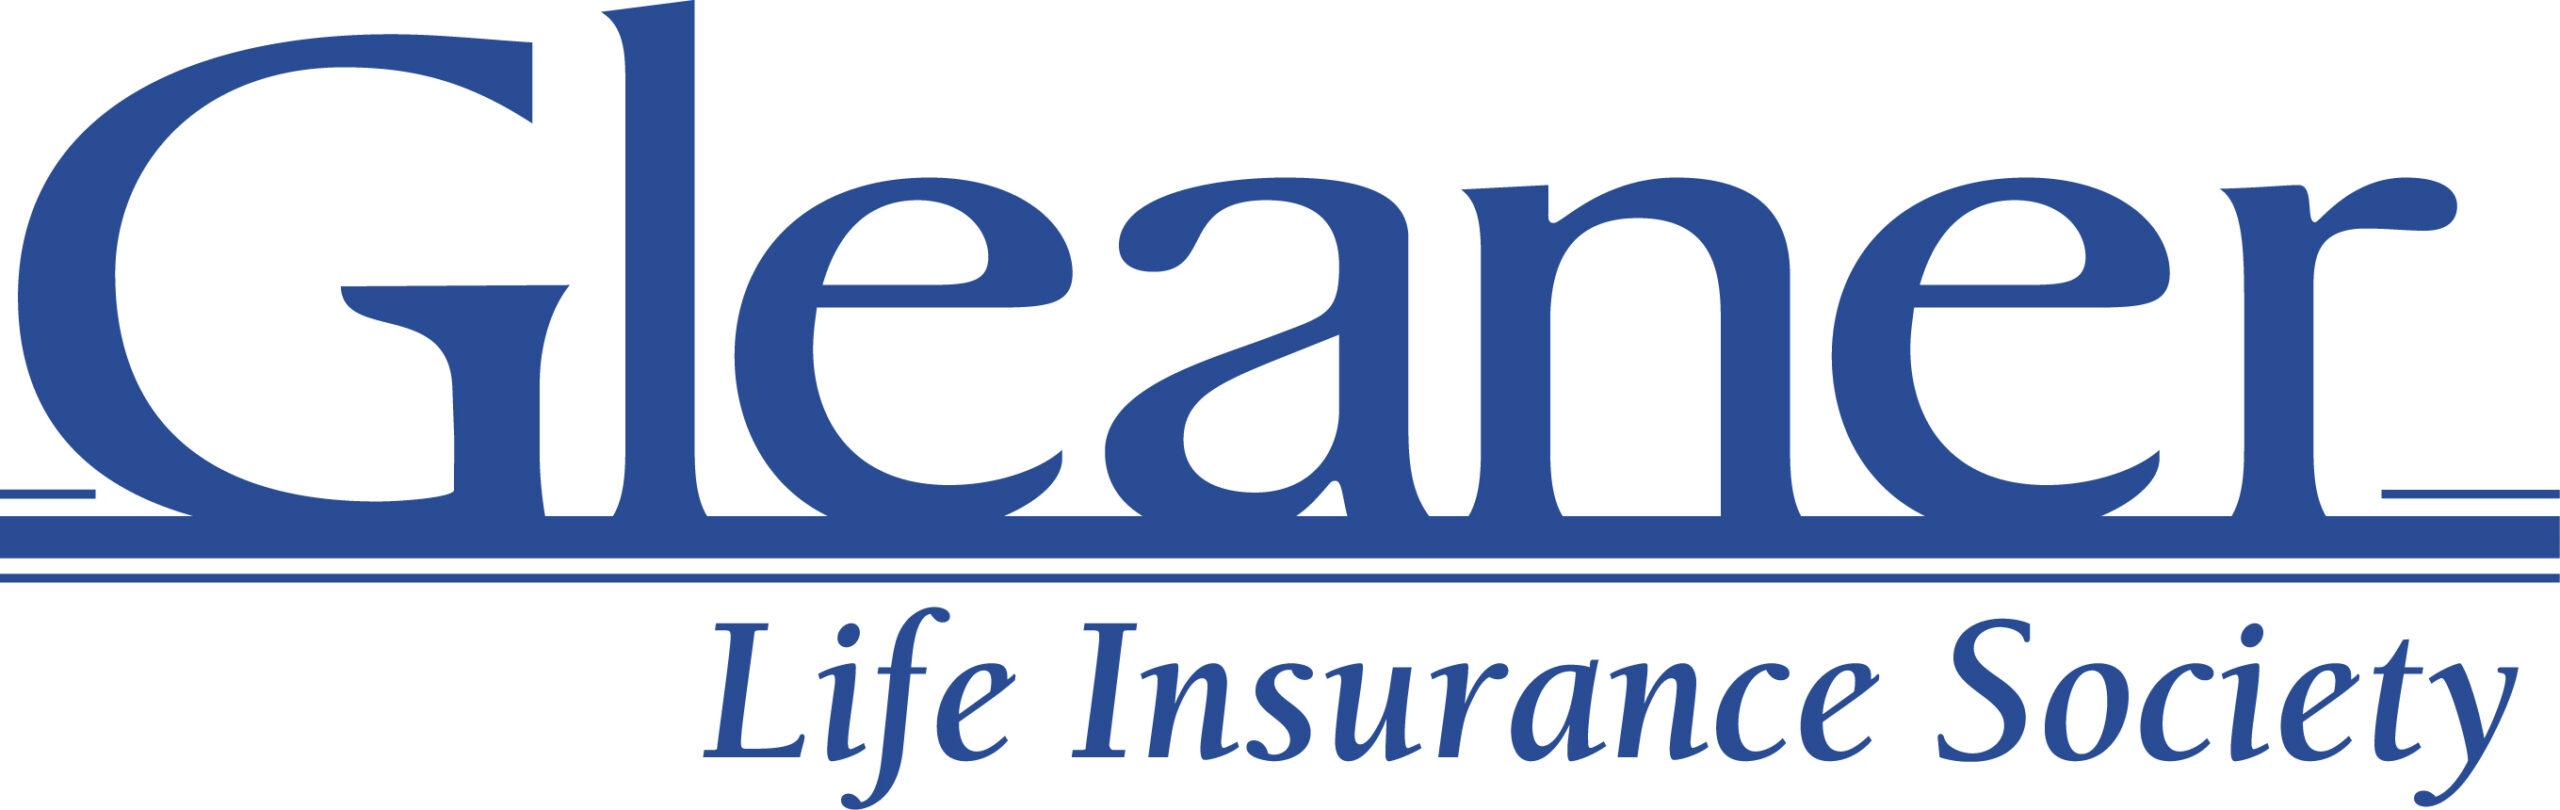 Gleaner Life Insurance Society